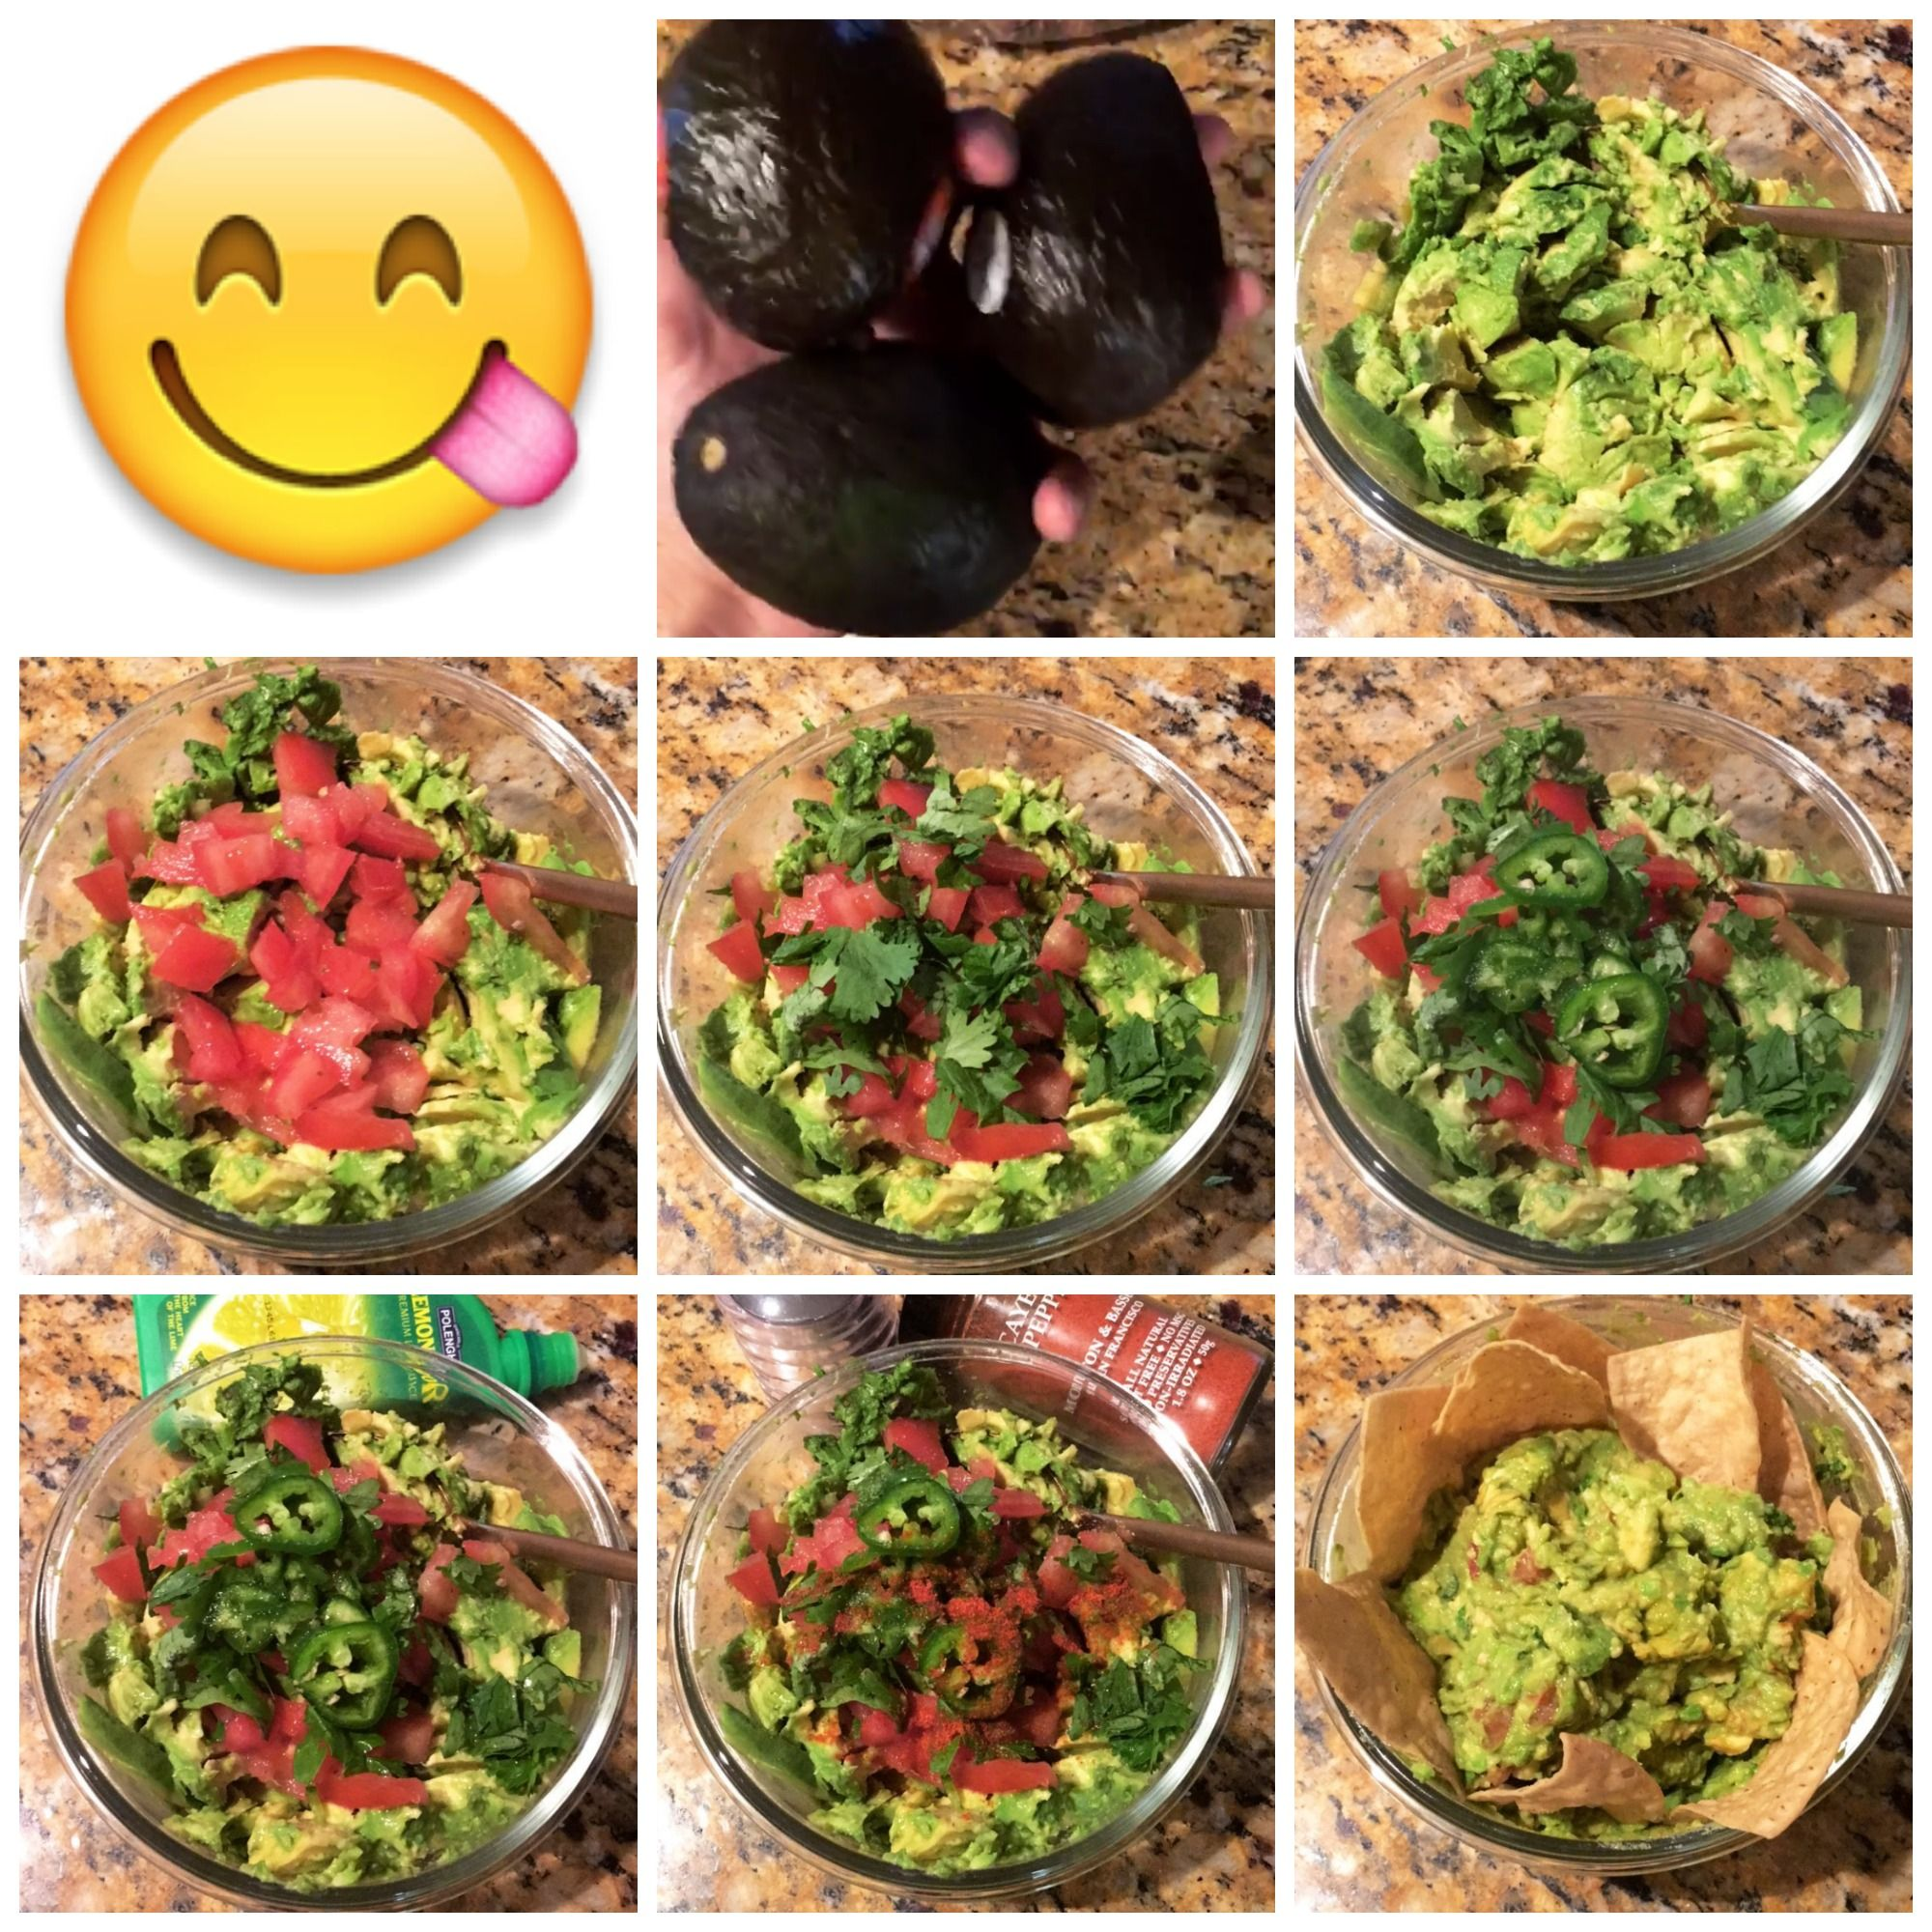 Avocado - 1. mash it, 2. tomato it, 3. cilantro it, 4. jalapeňo it, 5. lime it, 6. spice it, 7. mix it, eat it :)